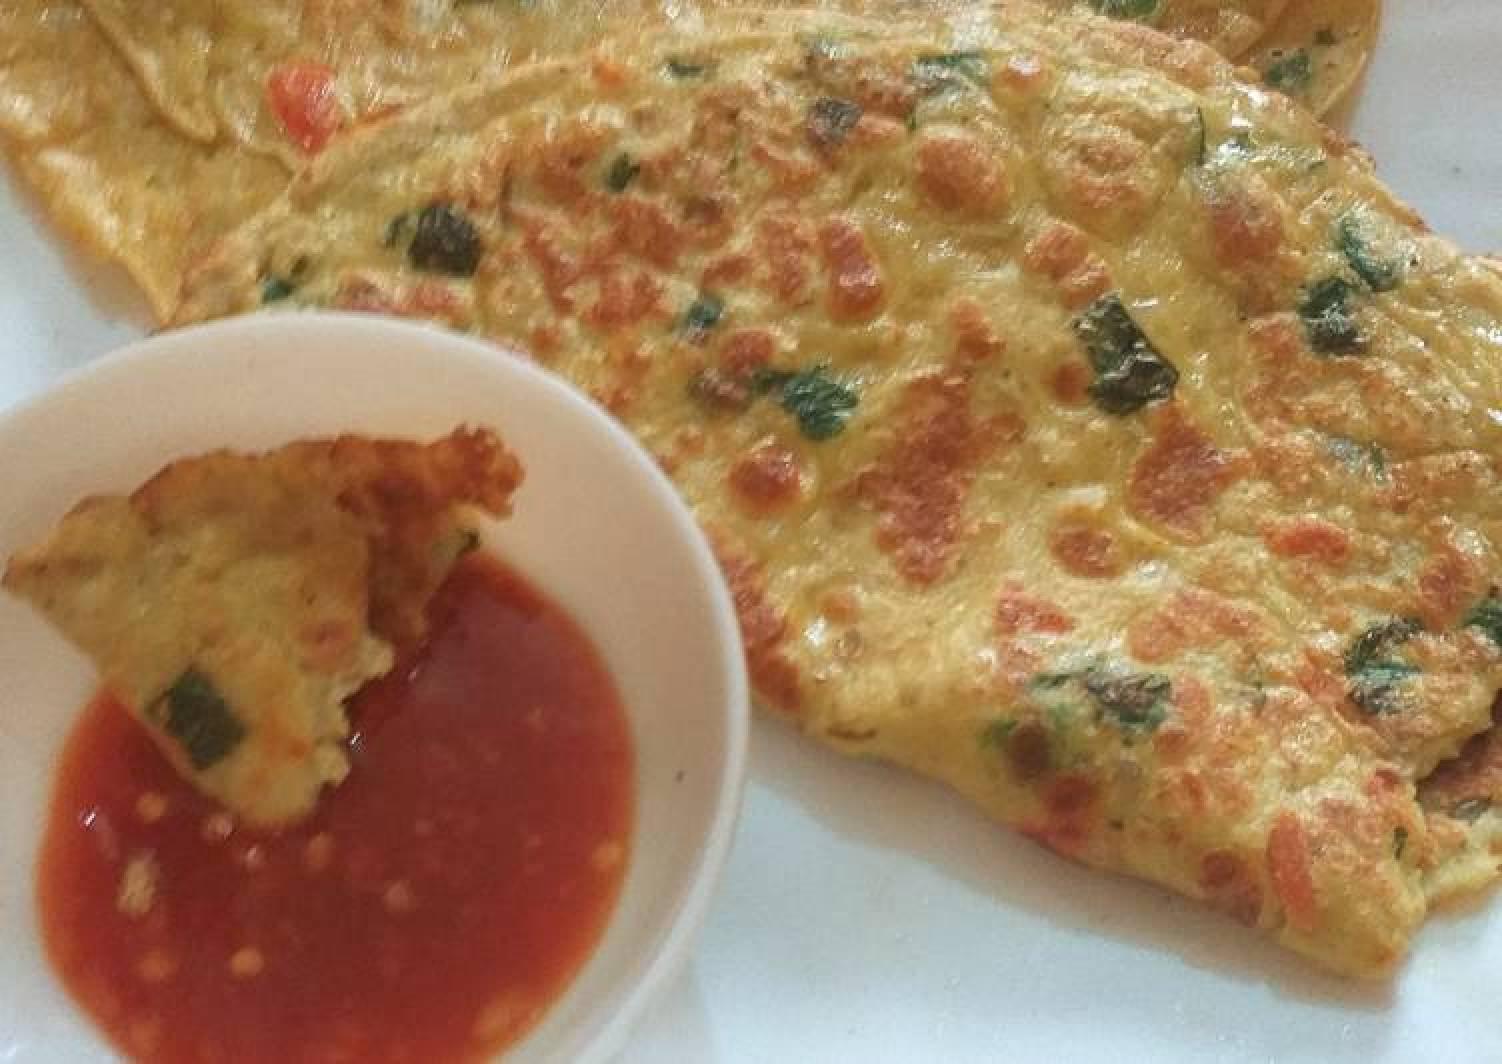 Egg veg paratha (pancakes)